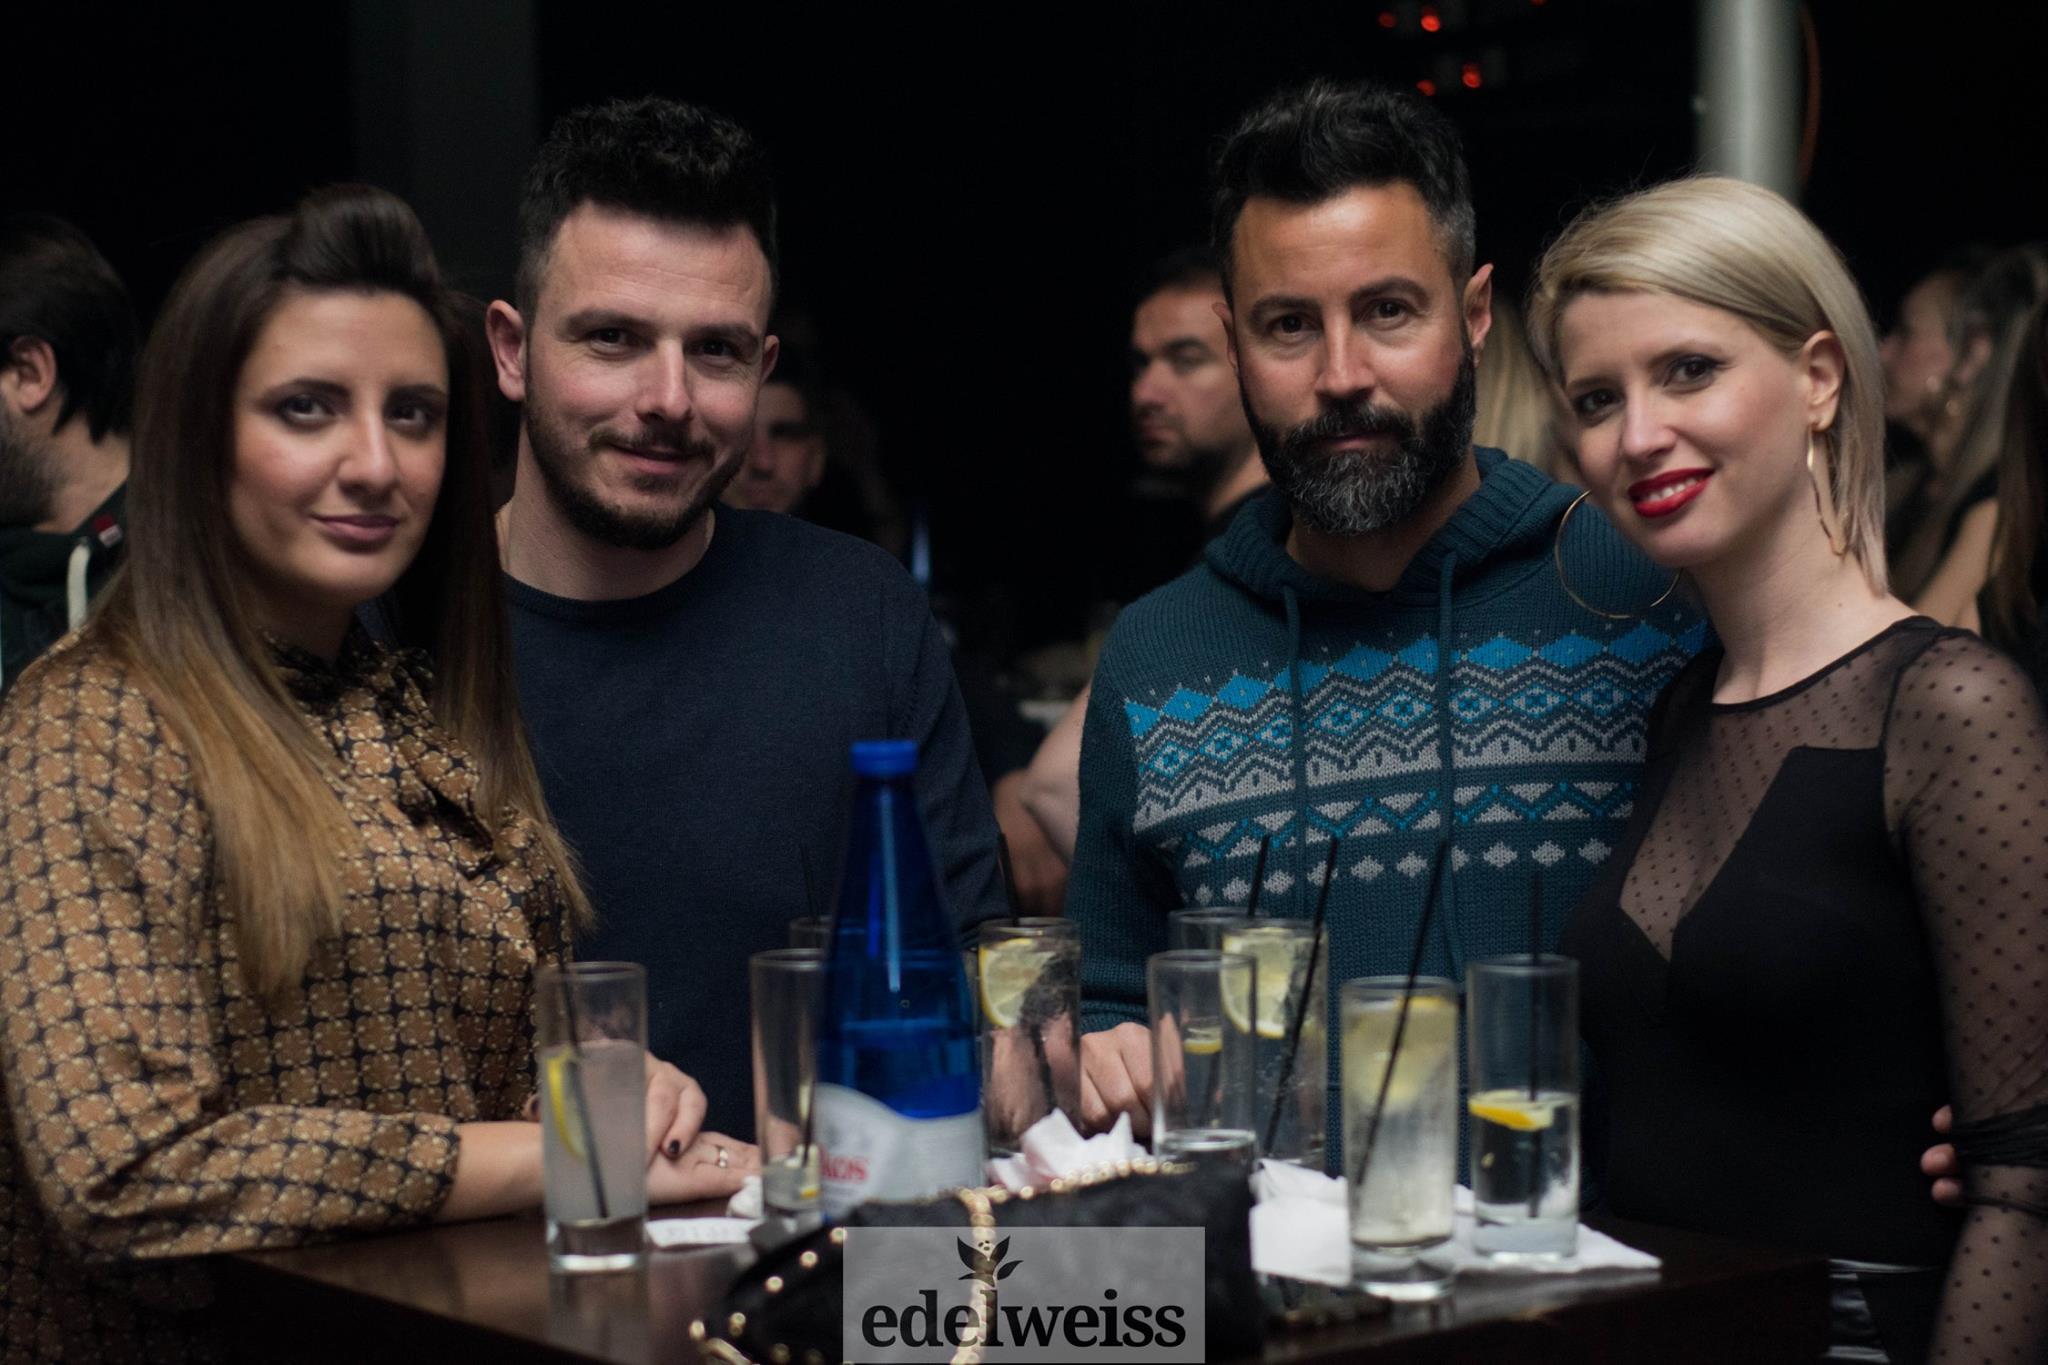 Άλλο ένα Σαββατόβραδο το Edelweiss Nightclub ήταν η μόνη επιλογή